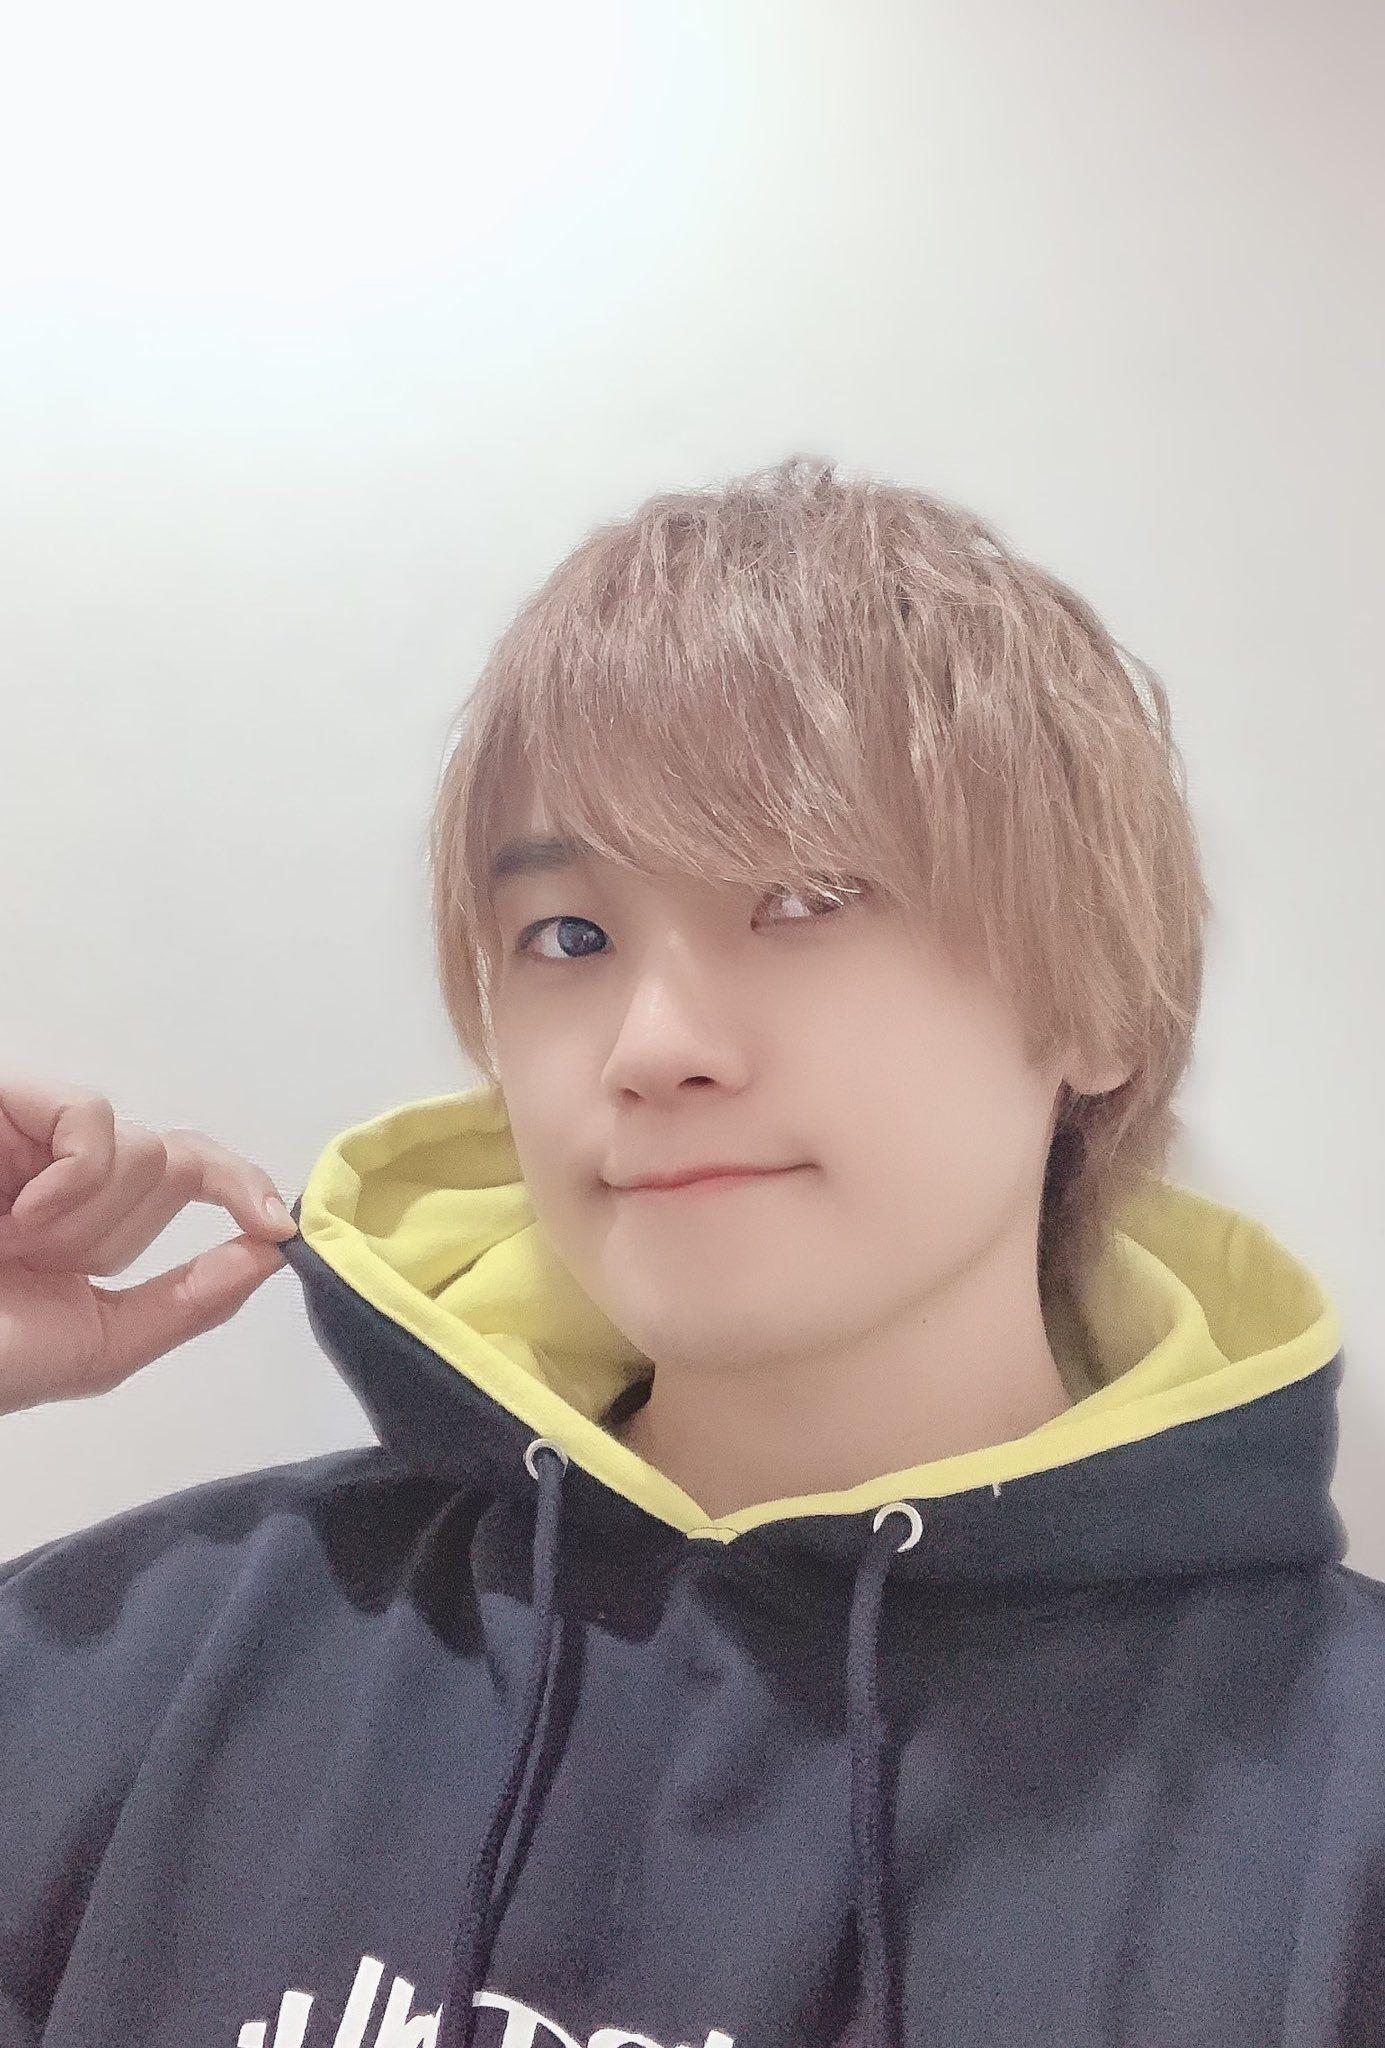 天﨑滉平 (天崎滉平) on Twitter Voice actor, Actors, Baby face